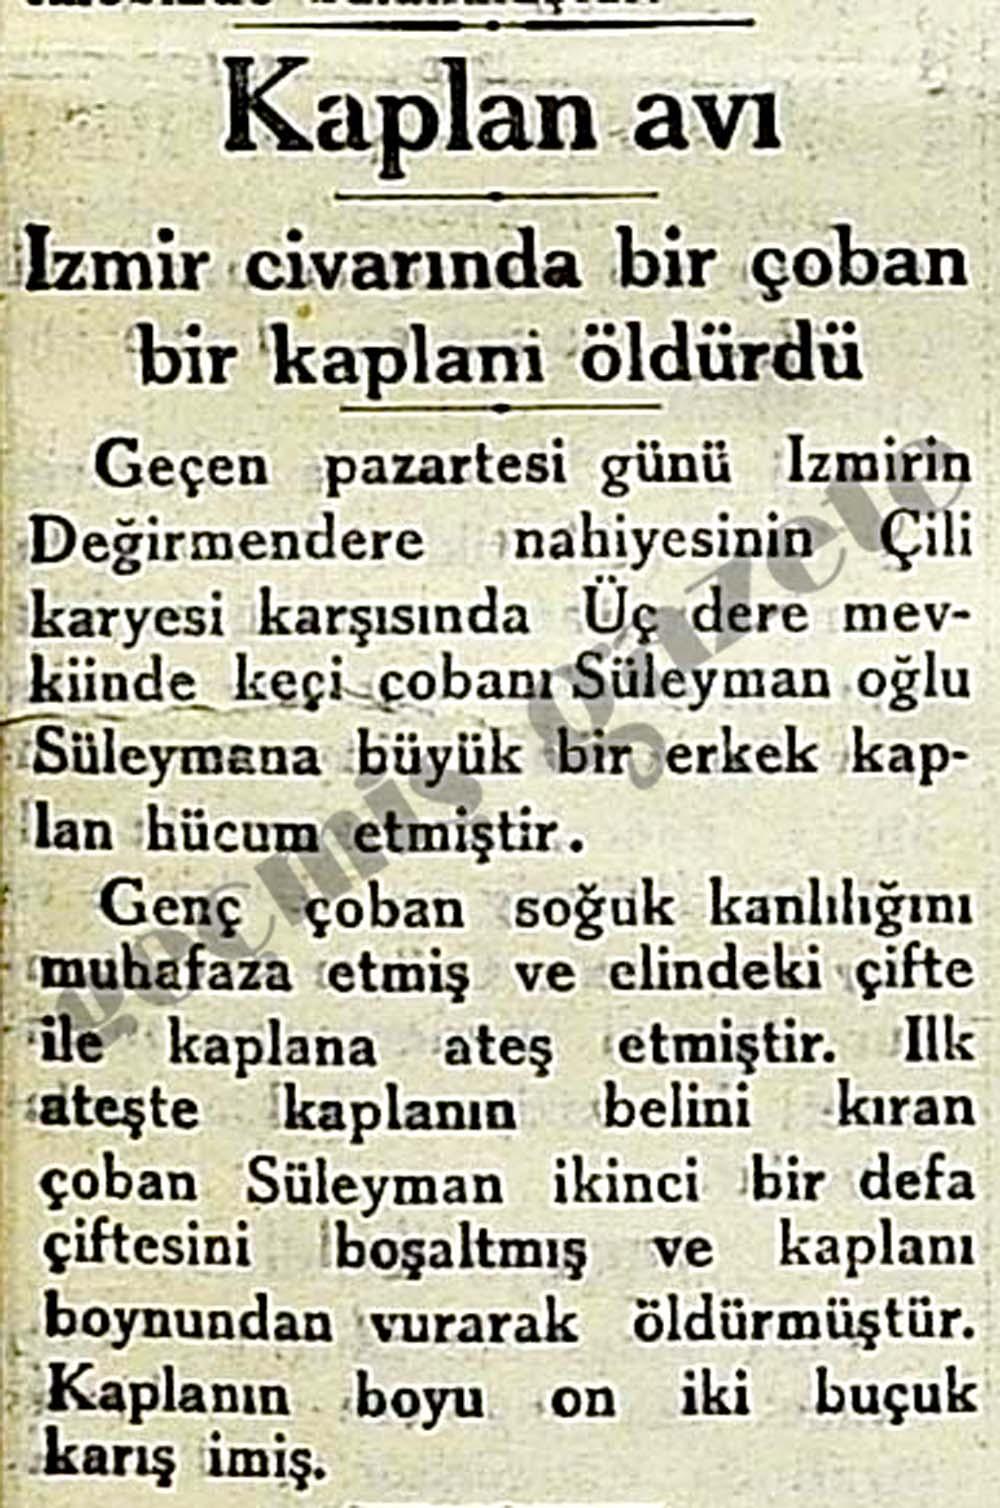 İzmir civarında bir çoban bir kaplanı öldürdü